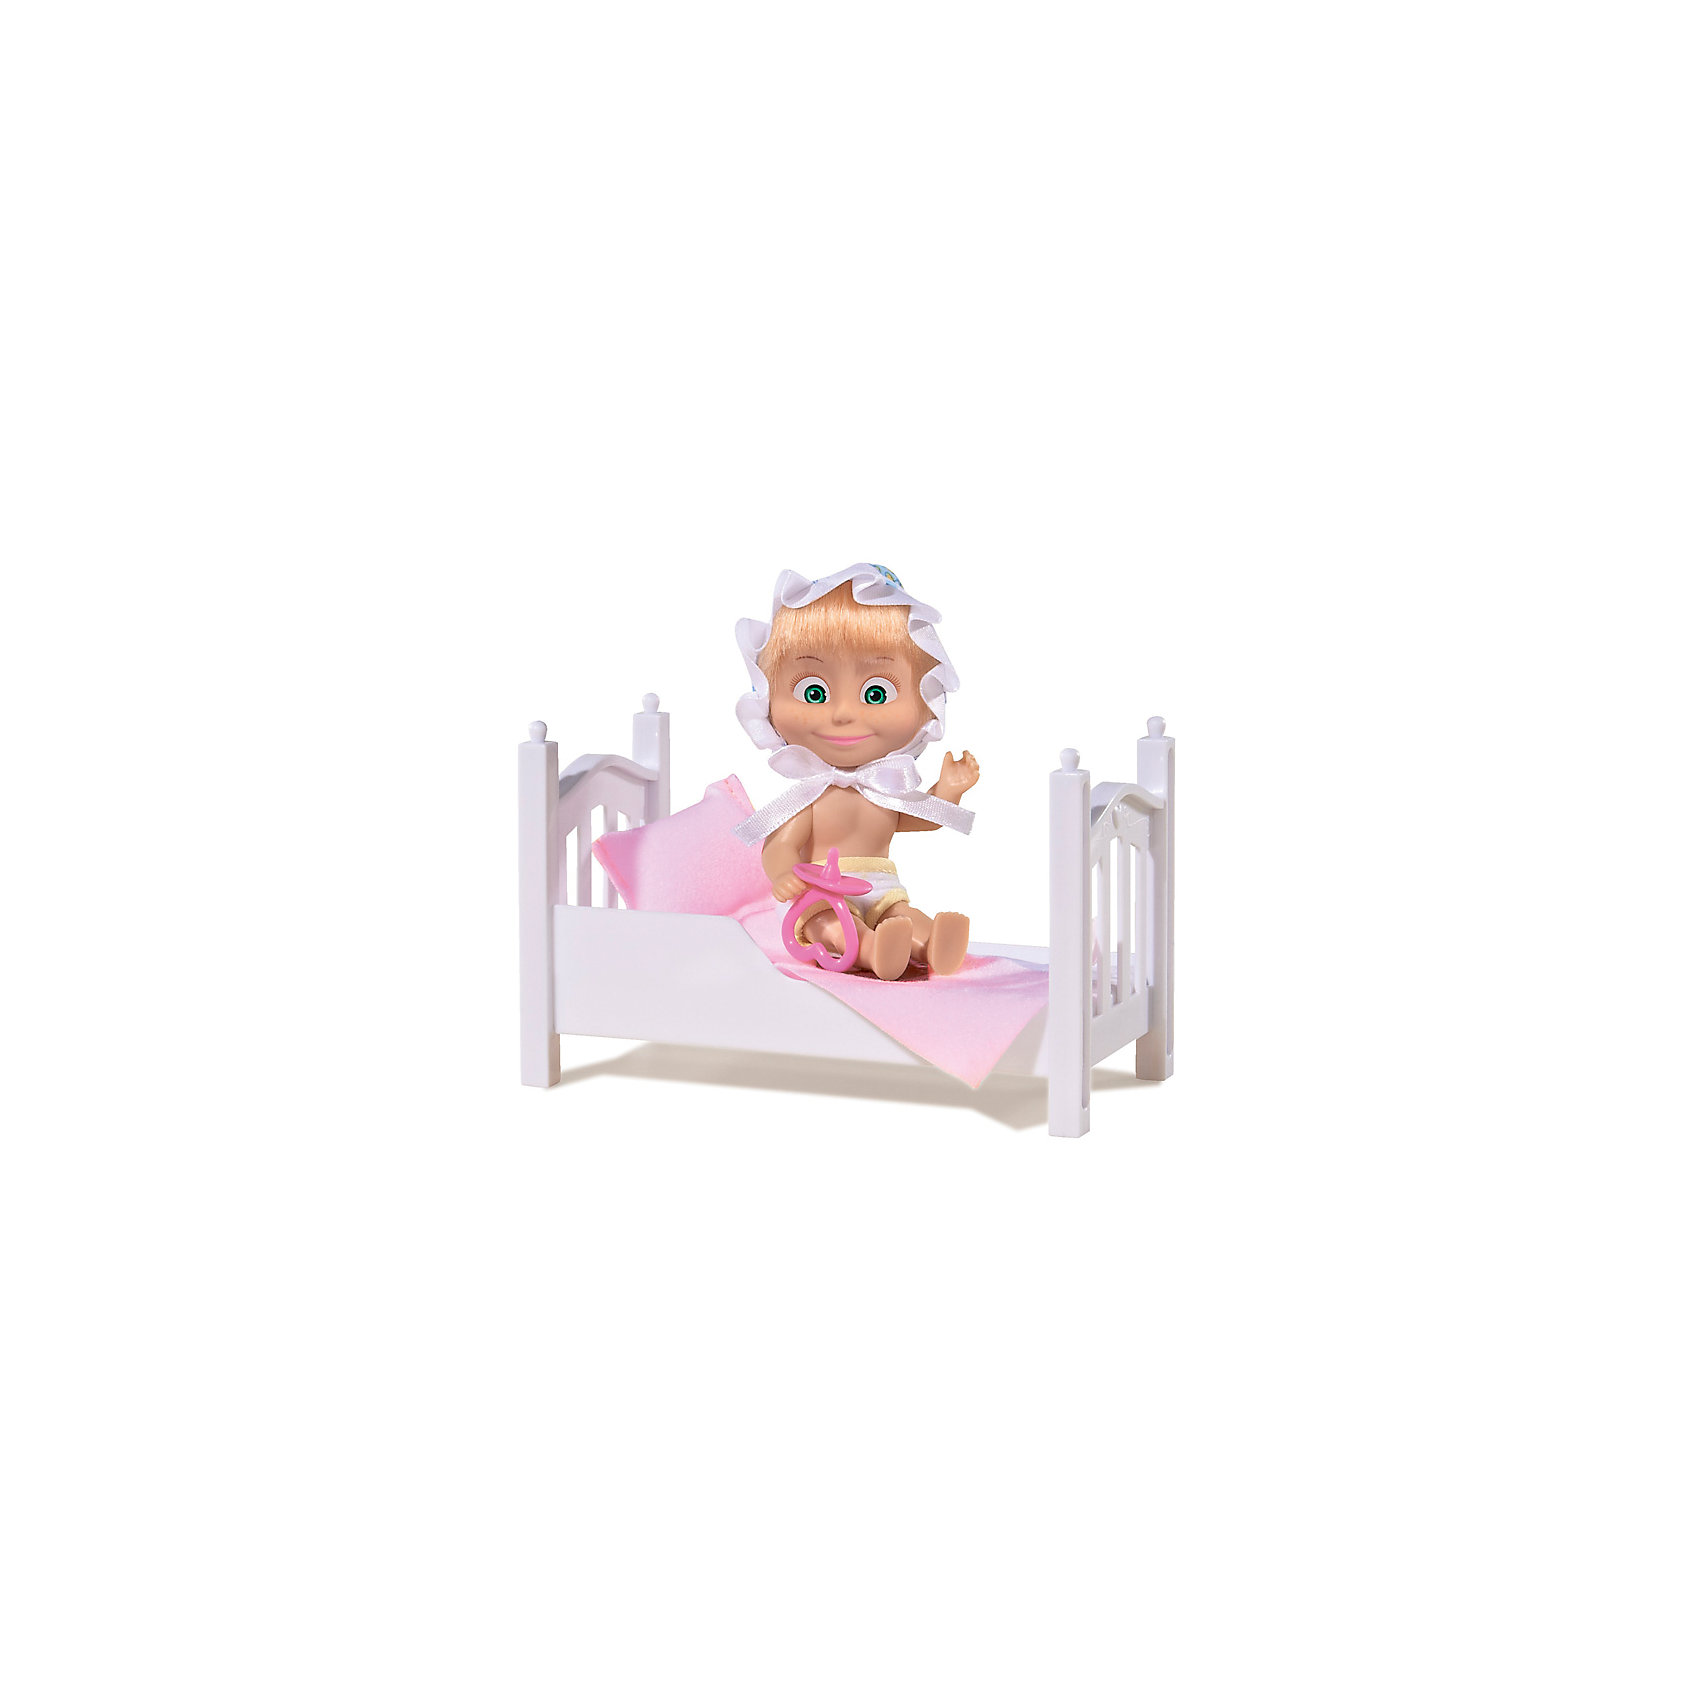 Кукла Маша с кроваткой, Маша и Медведь, SimbaКукла Маша с кроваткой, Маша и Медведь, Simba (Симба) – это прекрасный ситуационный набор по мотивам мультсериала Маша и медведь.<br>Главная героиня знаменитого мультика «Маша и Медведь» тоже нуждается во сне, поэтому у нее есть своя кроватка с мягким постельным бельем, а также шортики и чепчик. Чтобы кукла быстрее «уснула», ребенок может предложить ей симпатичную соску. Куколка выполнена из мягкого винила, ее волосы красиво блестят, а удивленно распахнутые глаза нанесены с помощью стойких красок. Ручки и ножки Маши подвижны, и ей можно придавать различные позы, оживляя игру. Кукла может стоять. Кровать Маши изготовлена из белого пластика и имеет фигурные изножье и изголовье, украшенные рельефными узорами. Чепчик озорной девчонки украшен милыми узорами и атласной оборкой, и удерживается на голове куклы при помощи завязок. Подушка и совмещенный с ней матрасик произведены из приятного на ощупь материала и при необходимости легко стираются, также как и одежда Маши.<br><br>Дополнительная информация:<br><br>- В наборе: кукла, кровать, подушка и совмещенный с ней матрасик, соска для Маши<br>- Высота куклы: 12 см.<br>- Материал: пластик, винил, текстиль<br>- Размер упаковки: 16 х 8,6 х 16 см.<br>- Вес: 200 гр.<br><br>Куклу Машу с кроваткой, Маша и Медведь, Simba (Симба) можно купить в нашем интернет-магазине.<br><br>Ширина мм: 160<br>Глубина мм: 86<br>Высота мм: 160<br>Вес г: 200<br>Возраст от месяцев: 36<br>Возраст до месяцев: 120<br>Пол: Женский<br>Возраст: Детский<br>SKU: 4315161